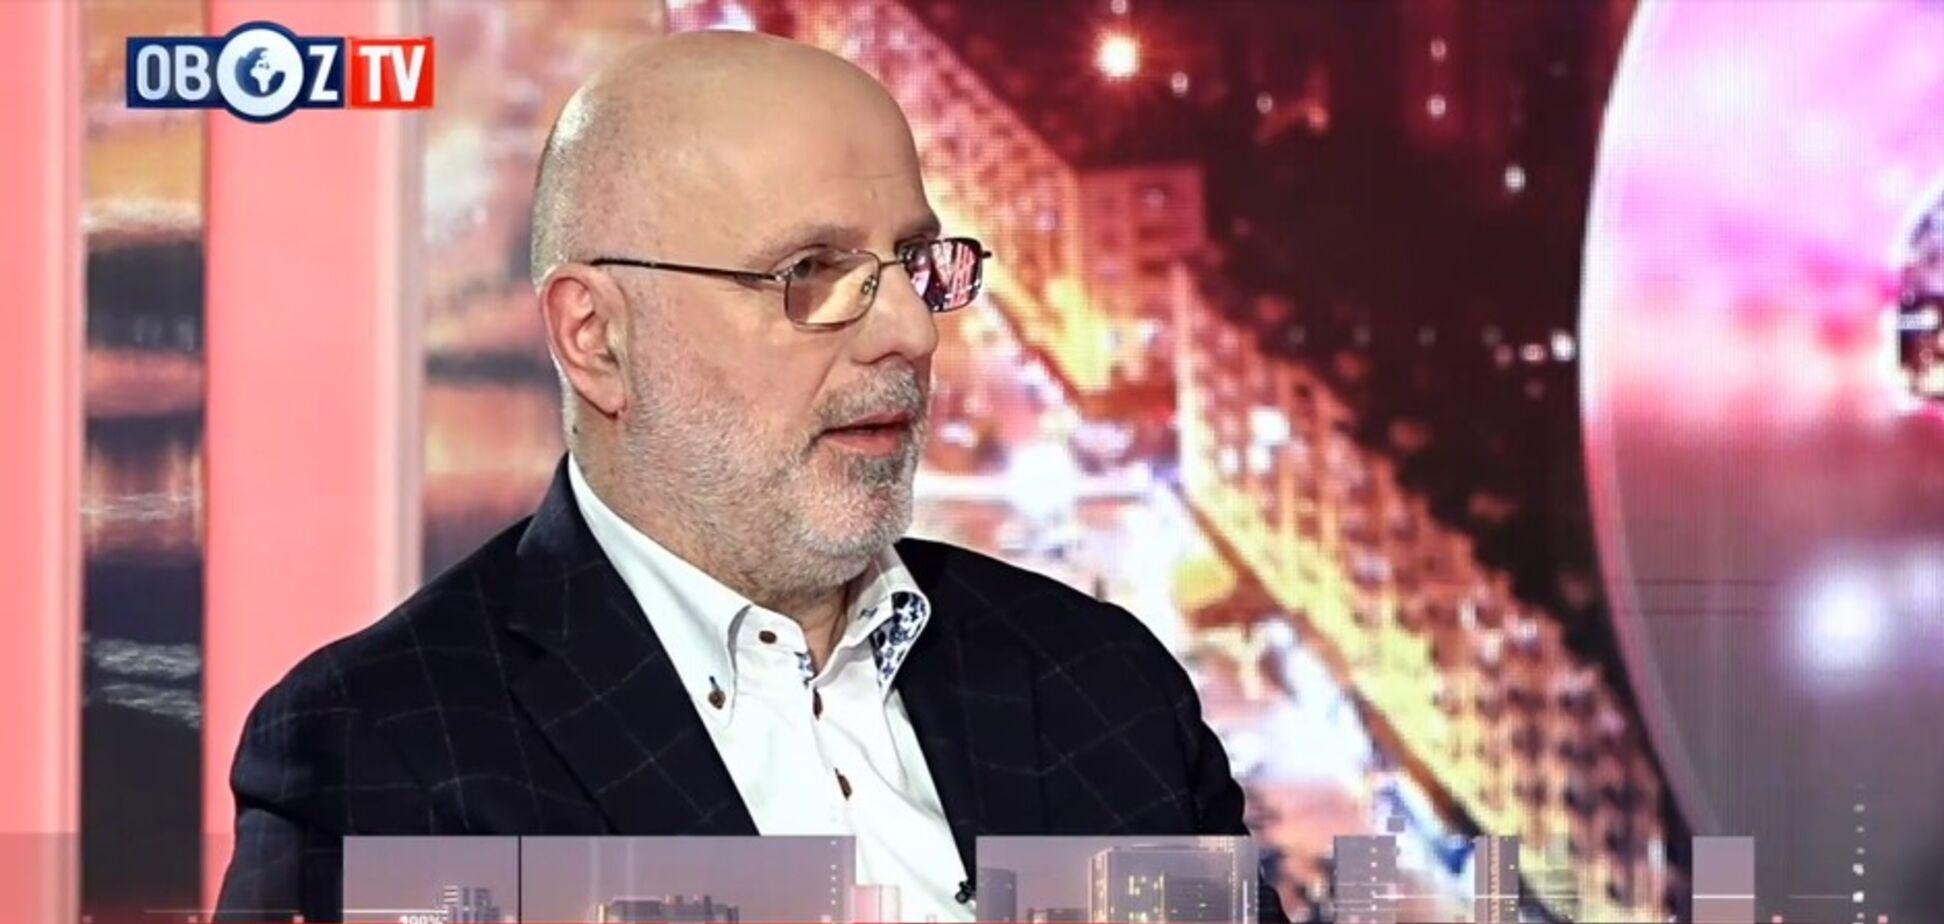 Зміна уряду не вплине на відносини із західними партнерами: посол Грузії